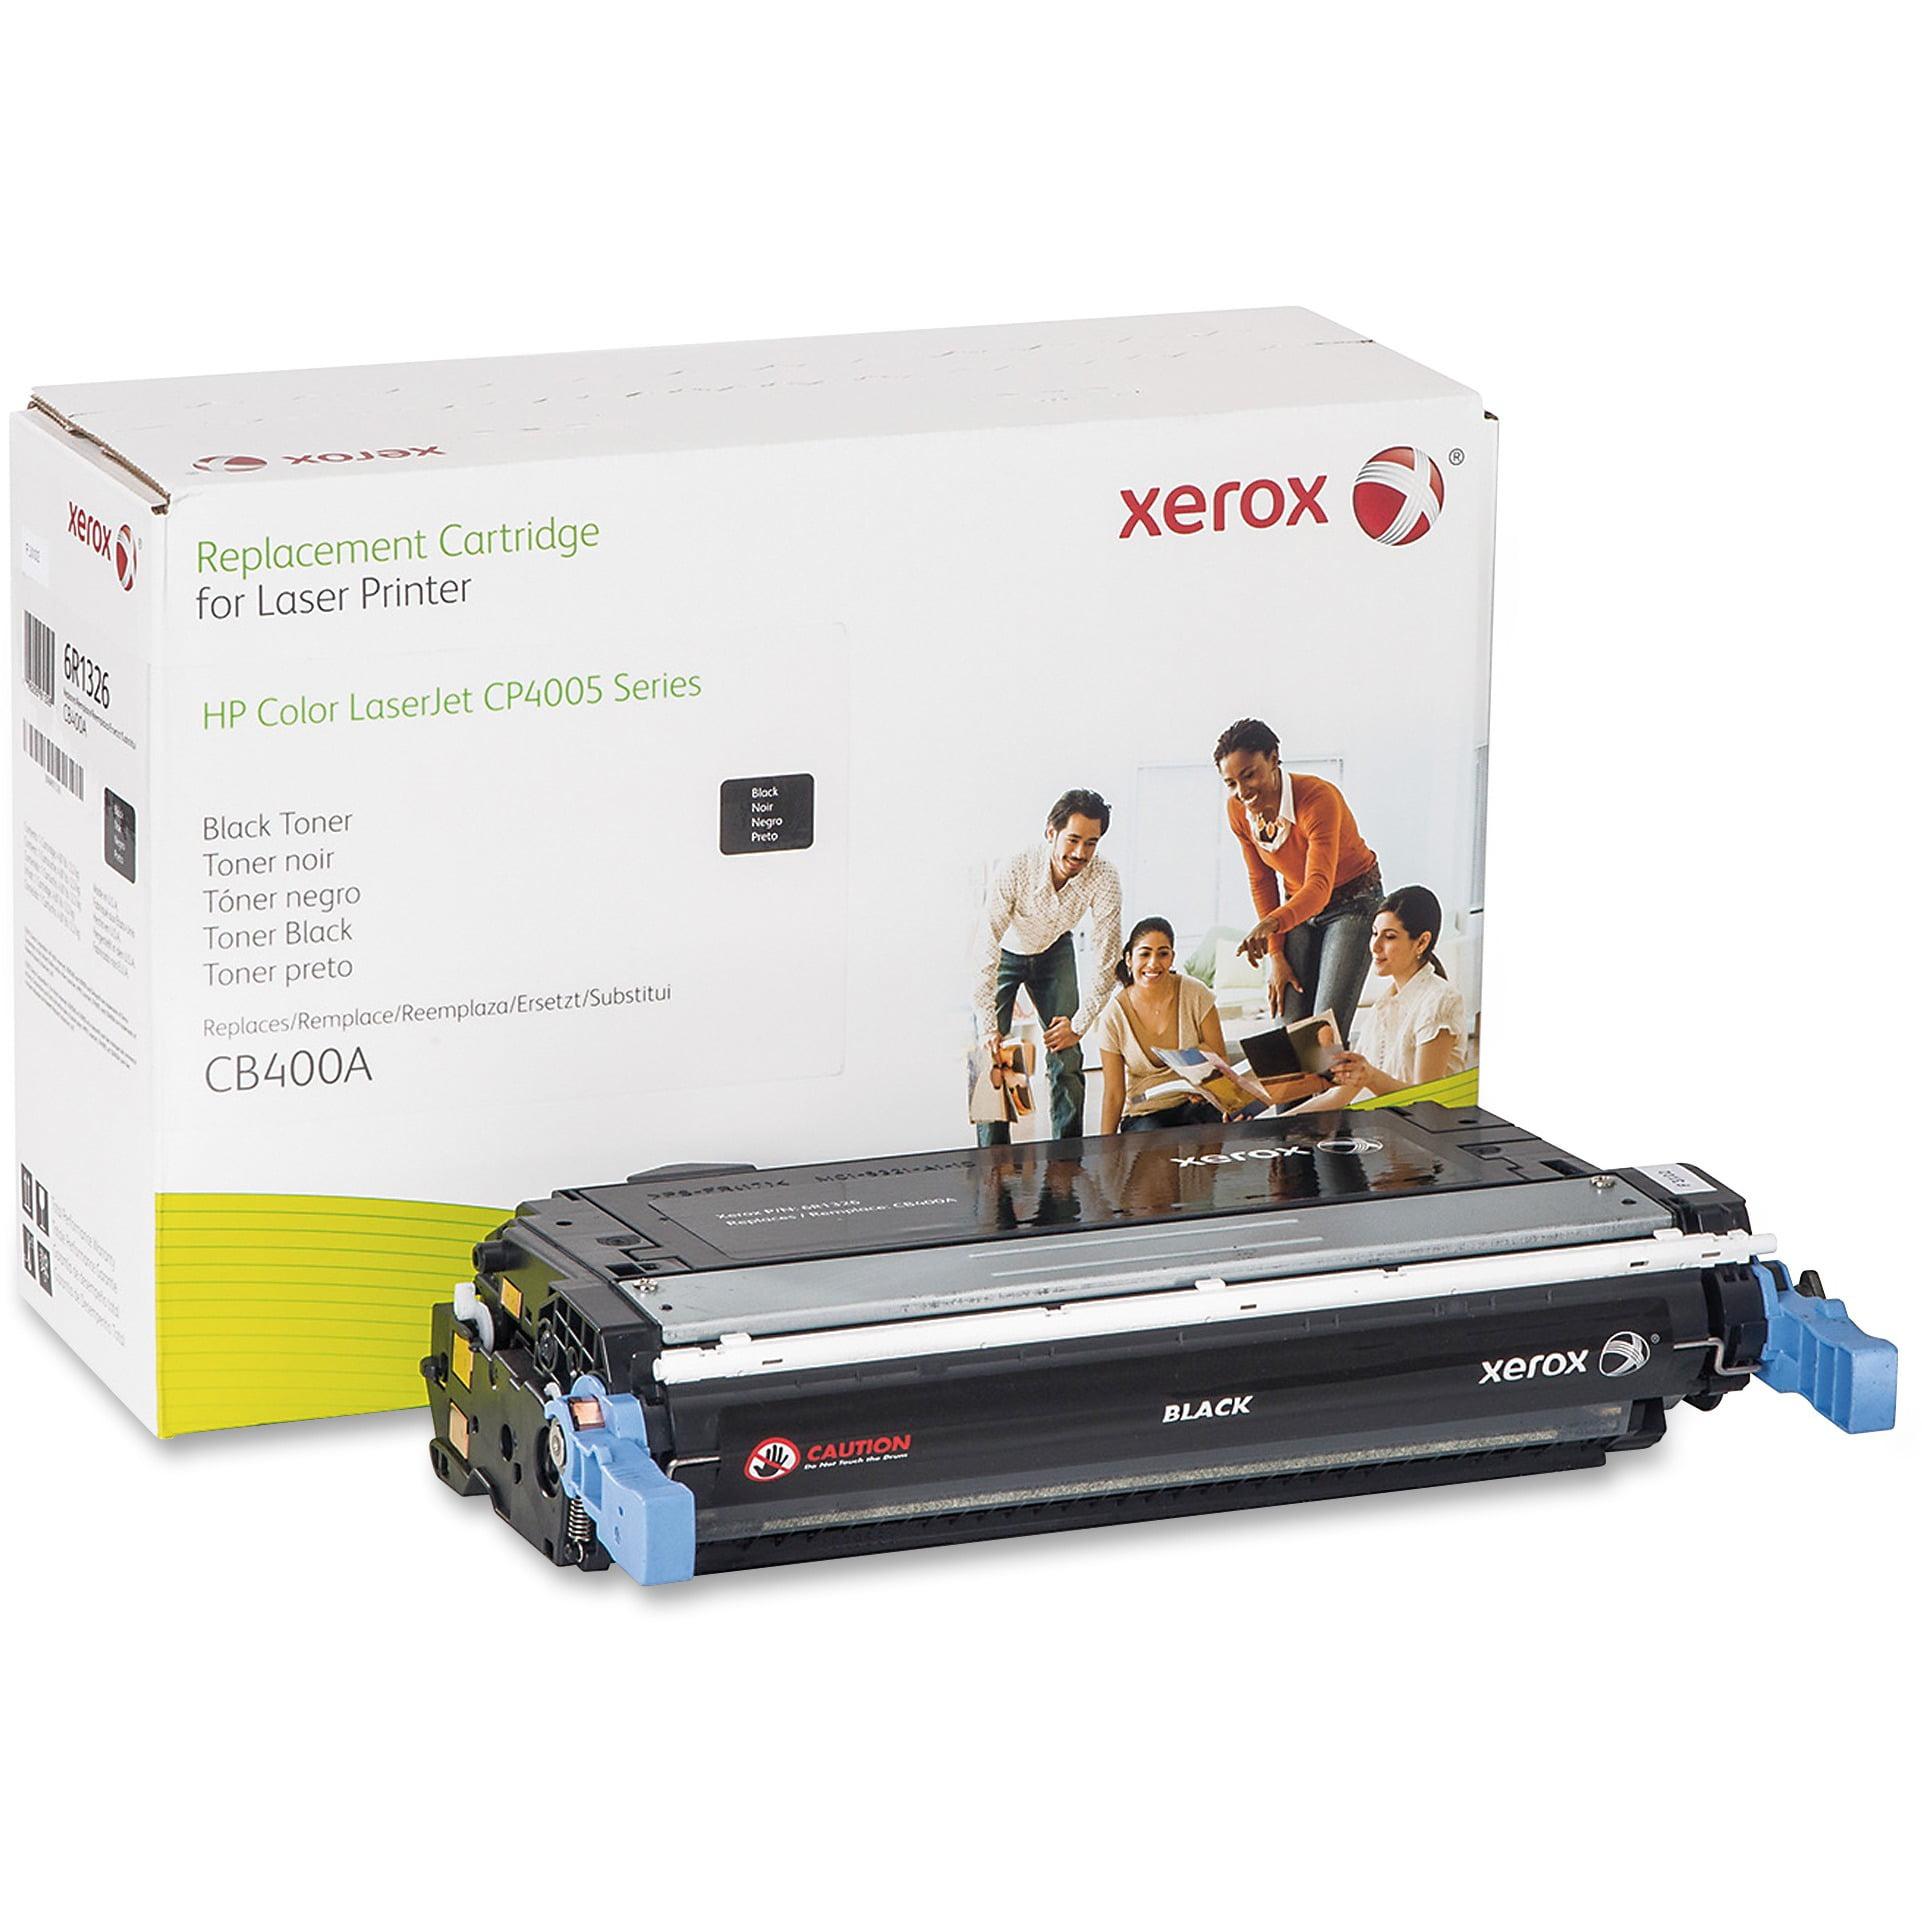 Xerox, XER6R1326, 6R1326/7/8/9 Reman HP 642A Toner Cartridges, 1 Each